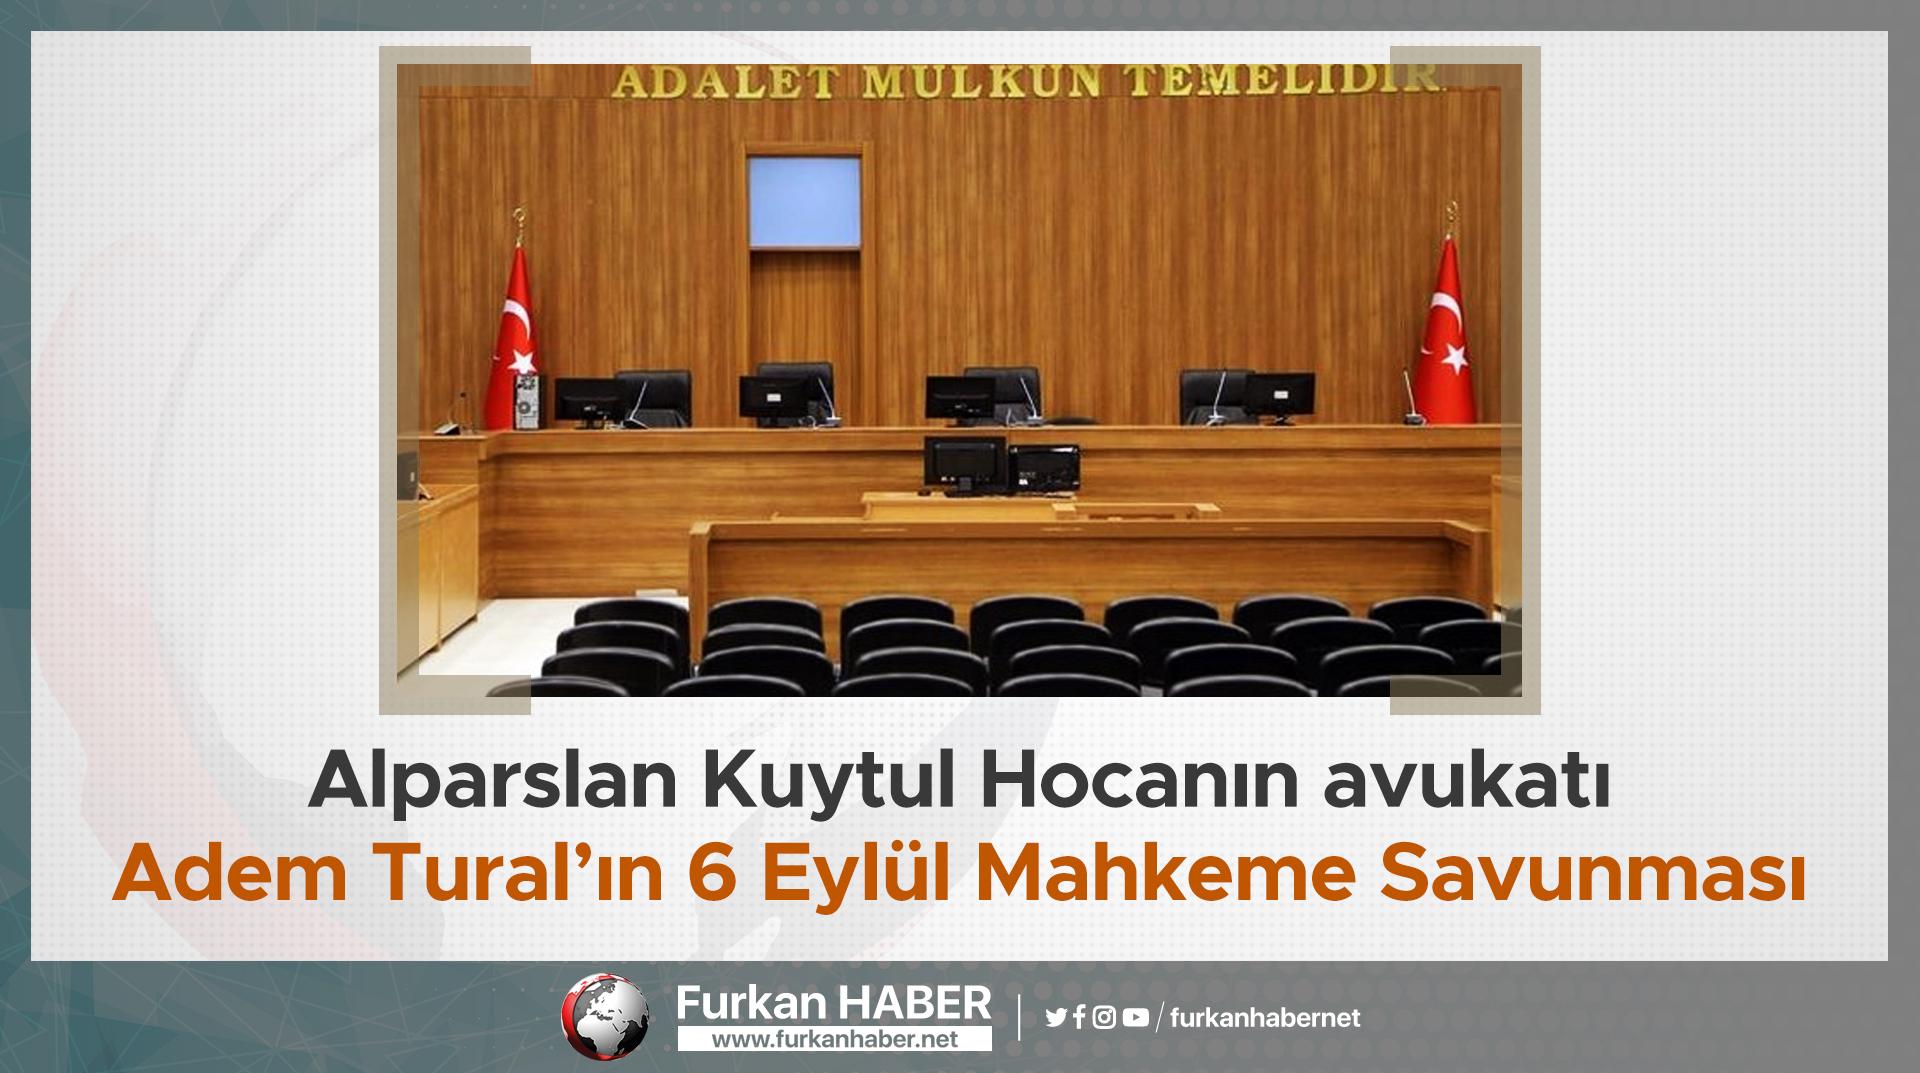 Alparslan Kuytul Hocanın avukatı Adem Tural'ın 6 Eylül Mahkeme Savunmasından Kesitler